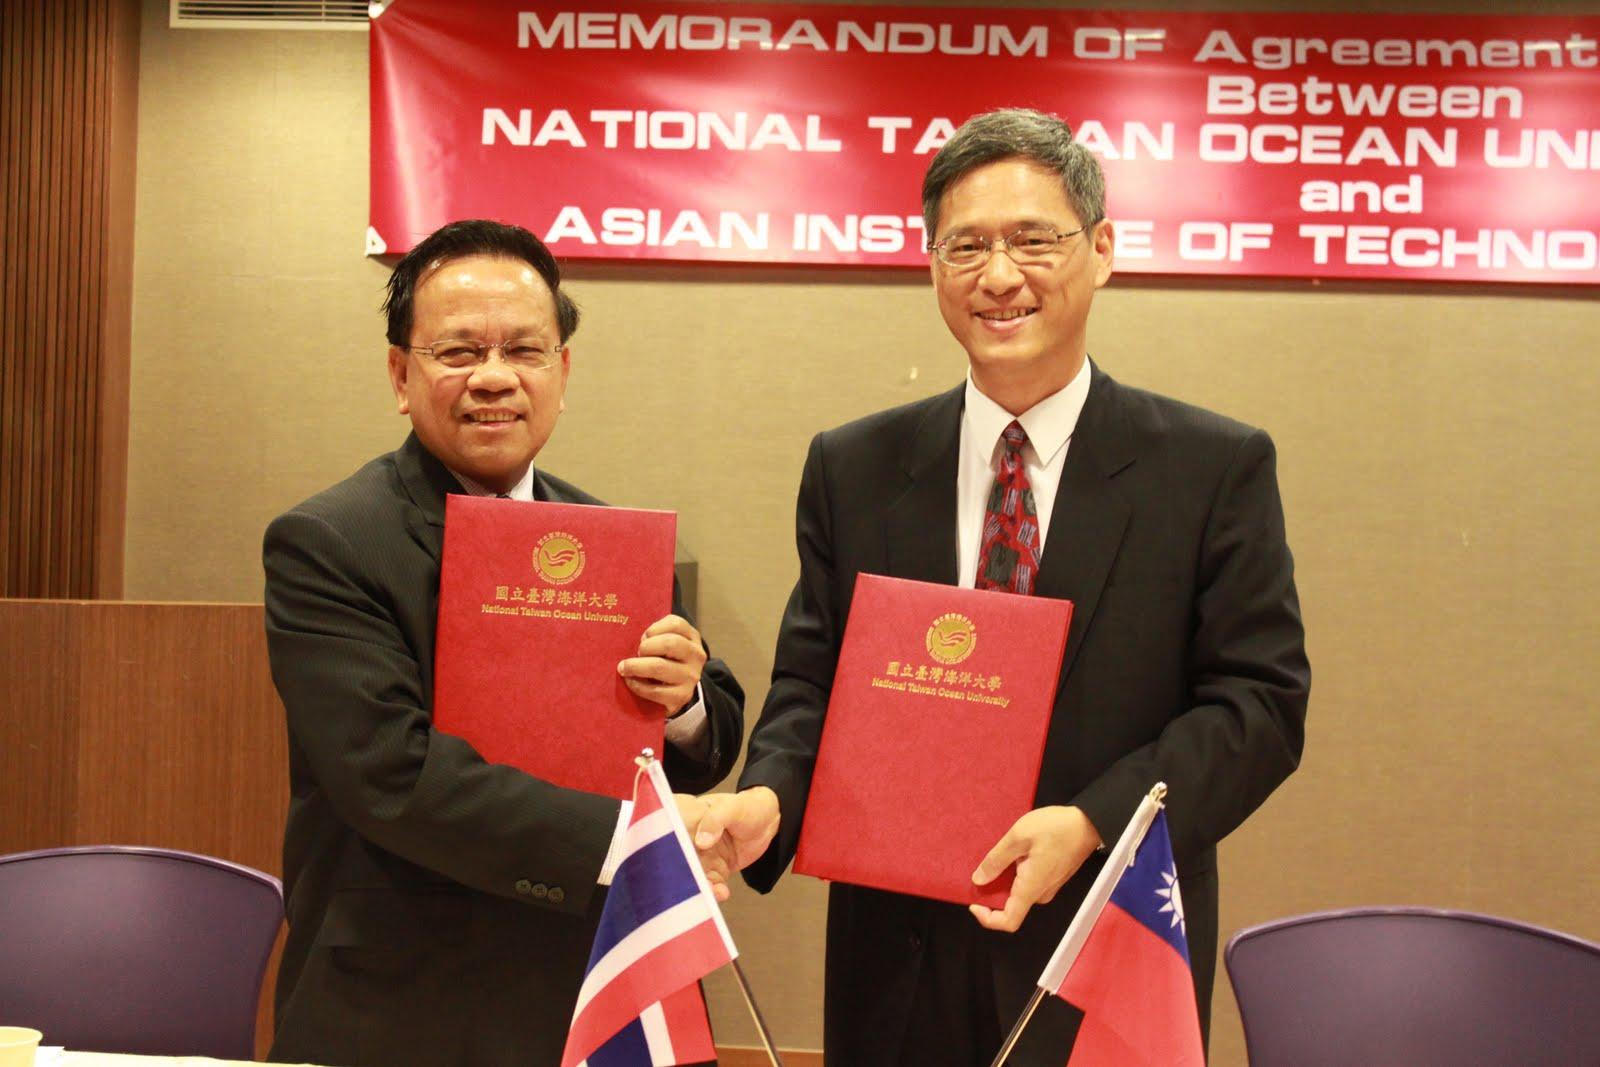 NTOU國立臺灣海洋大學校訊: 本校與亞洲理工學院合開五年一貫學碩士學程